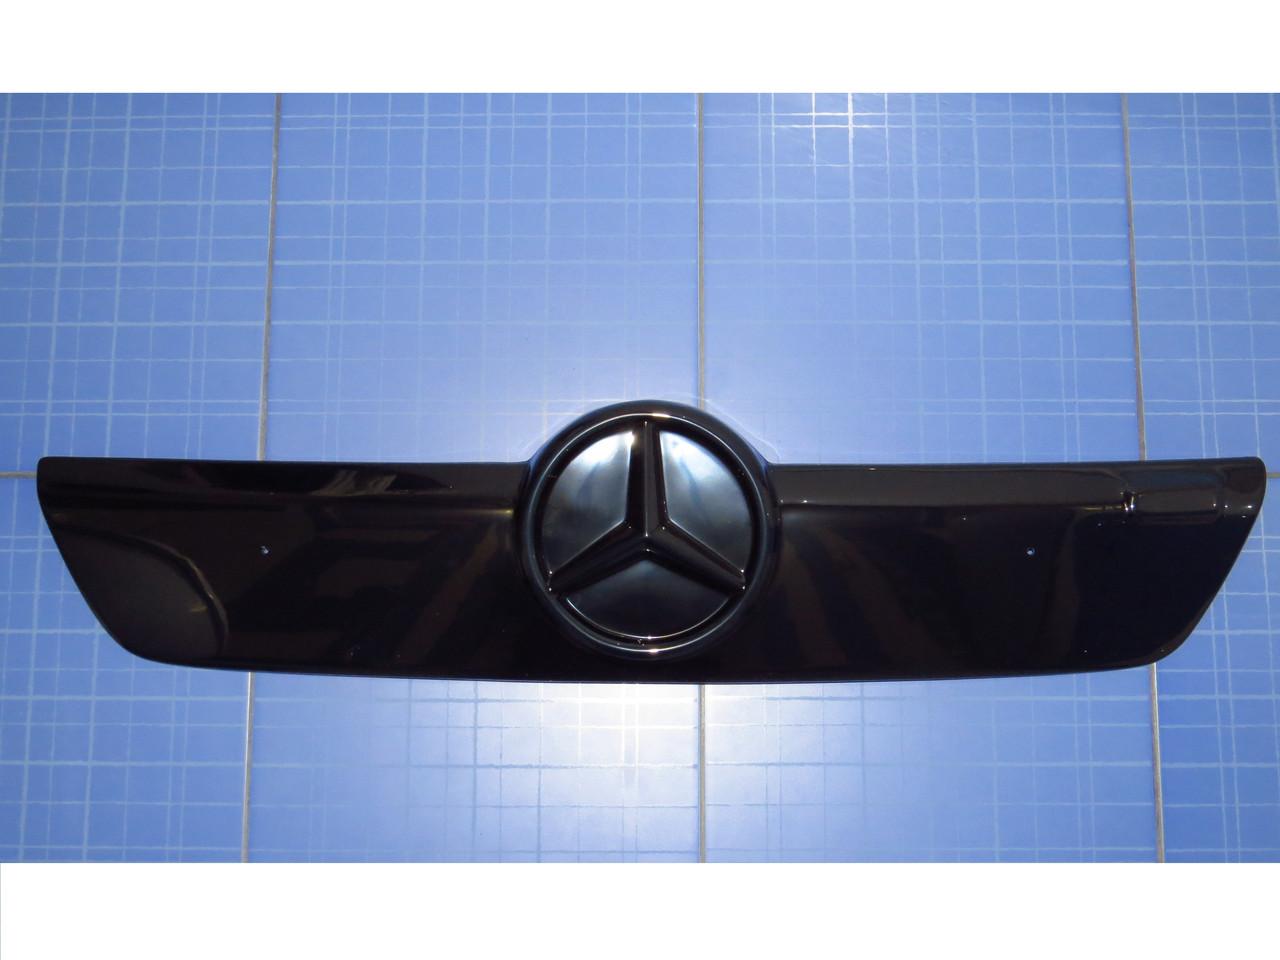 Зимняя заглушка решётки радиатора Мерседес Спринтер верх 2002-2006 глянец Fly. Утеплитель решётки Mercedes